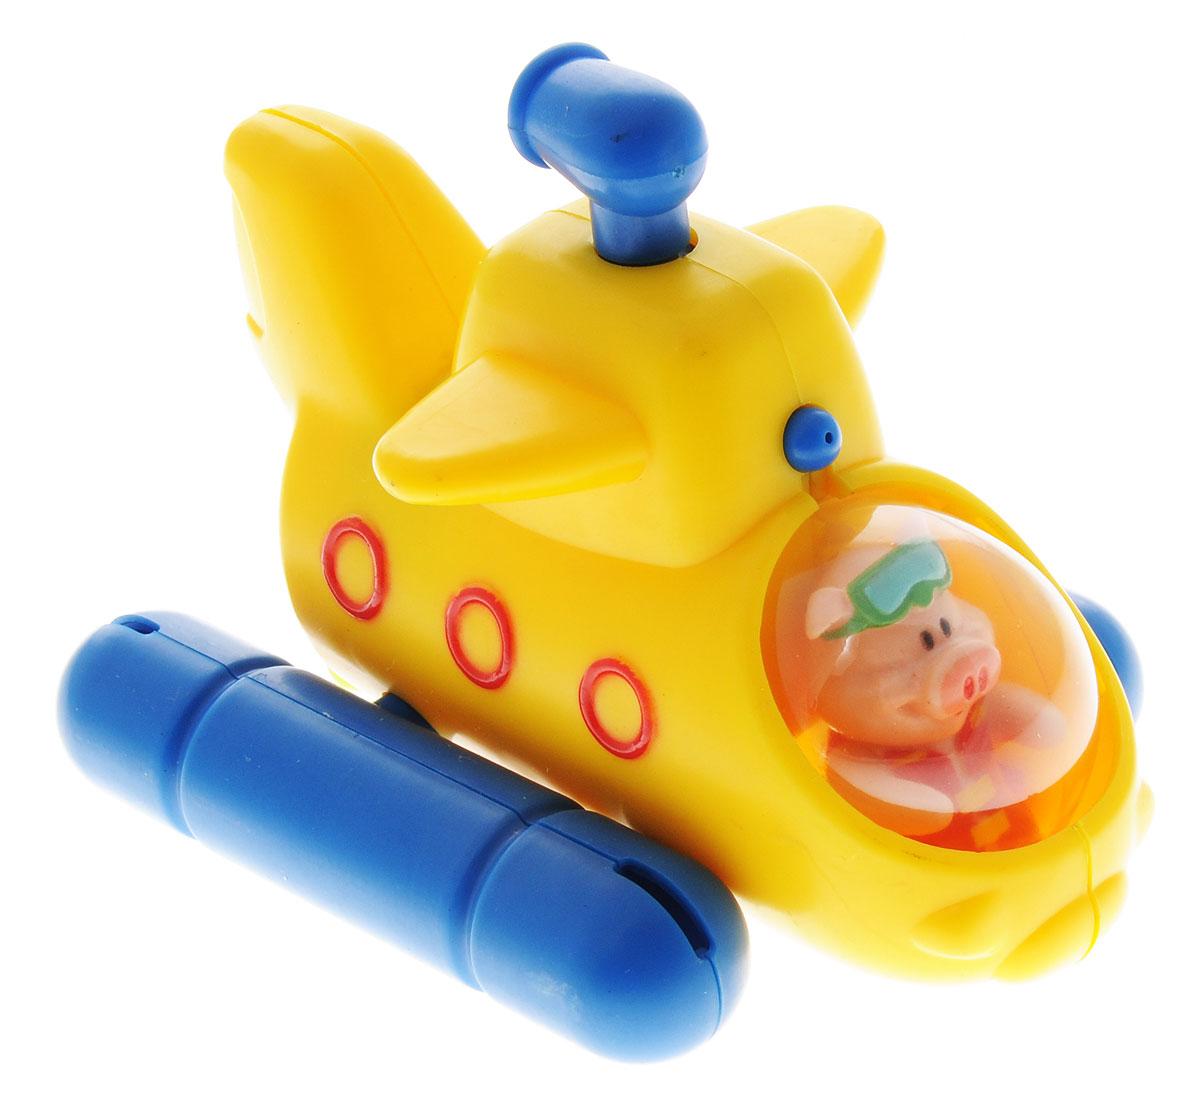 Жирафики Игрушка для ванной Лодка681122Игрушка для ванной Жирафики Лодка привлечет внимание вашего малыша и не позволит ему скучать. Игрушка выполнена в виде подводной лодки со свинкой в кабине. Игрушка имеет встроенный заводной механизм, обеспечивающий вращение винта на днище лодки, благодаря чему она плывет вперед и брызгается водой. Заводится игрушка с помощью декоративного элемента в виде перископа на крыше лодки. Выполненная из качественных материалов, игрушка будет радовать малыша долгое время. Игрушка способствует развитию мелкой моторики, сенсорного восприятия и воображения.